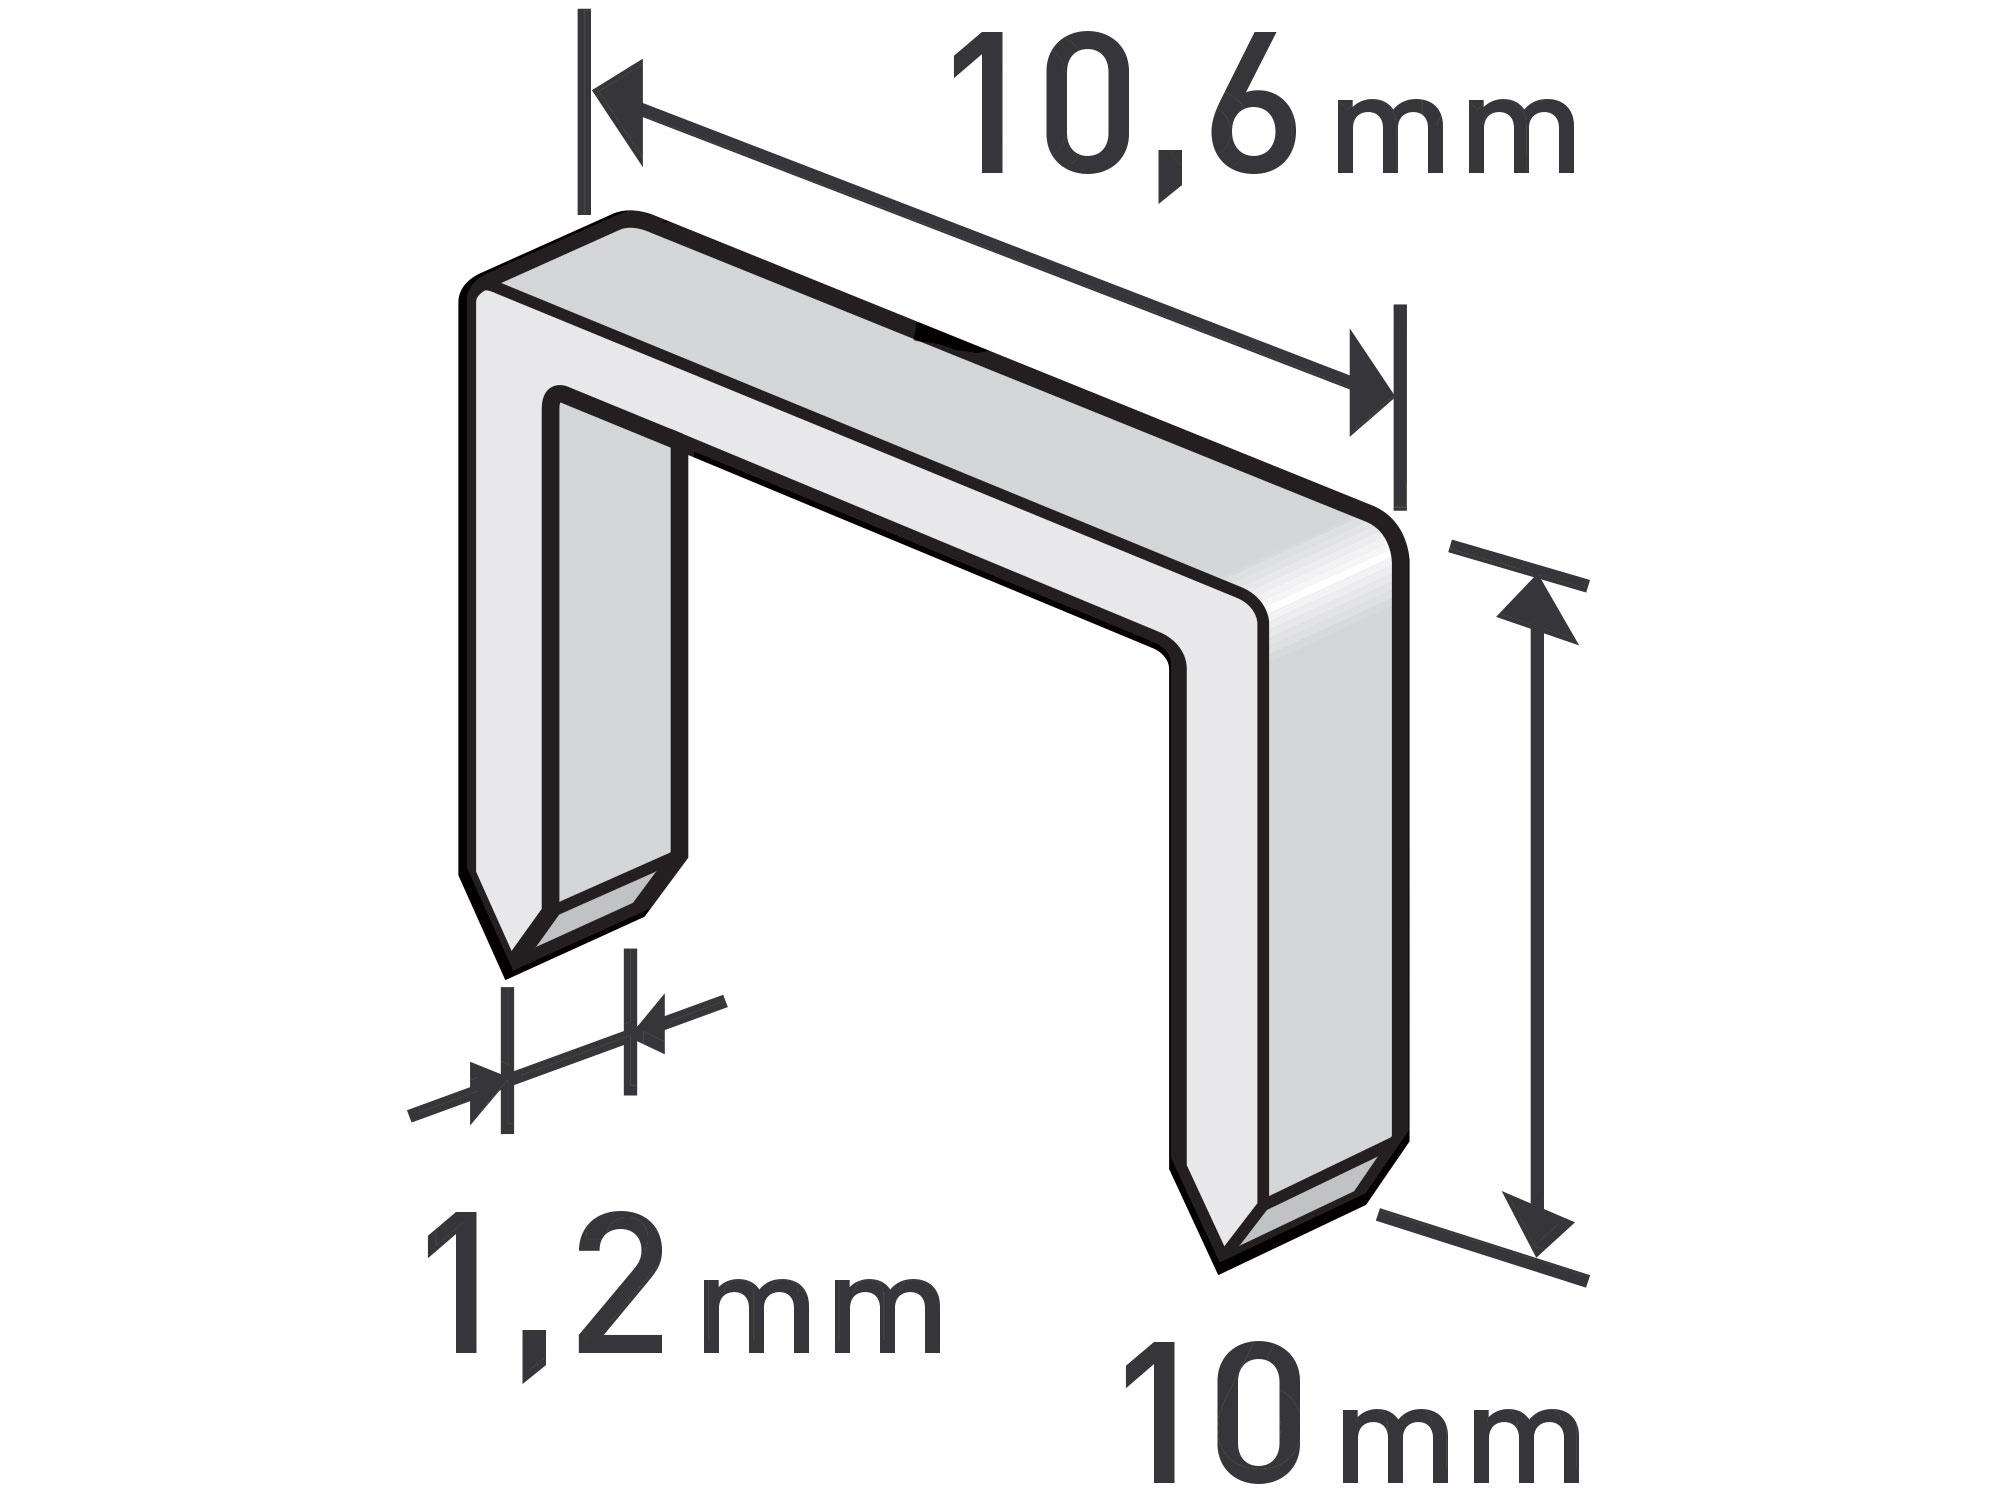 spony, balení 1000ks, 10mm, 10,6x0,52x1,2mm, EXTOL PREMIUM 8852203